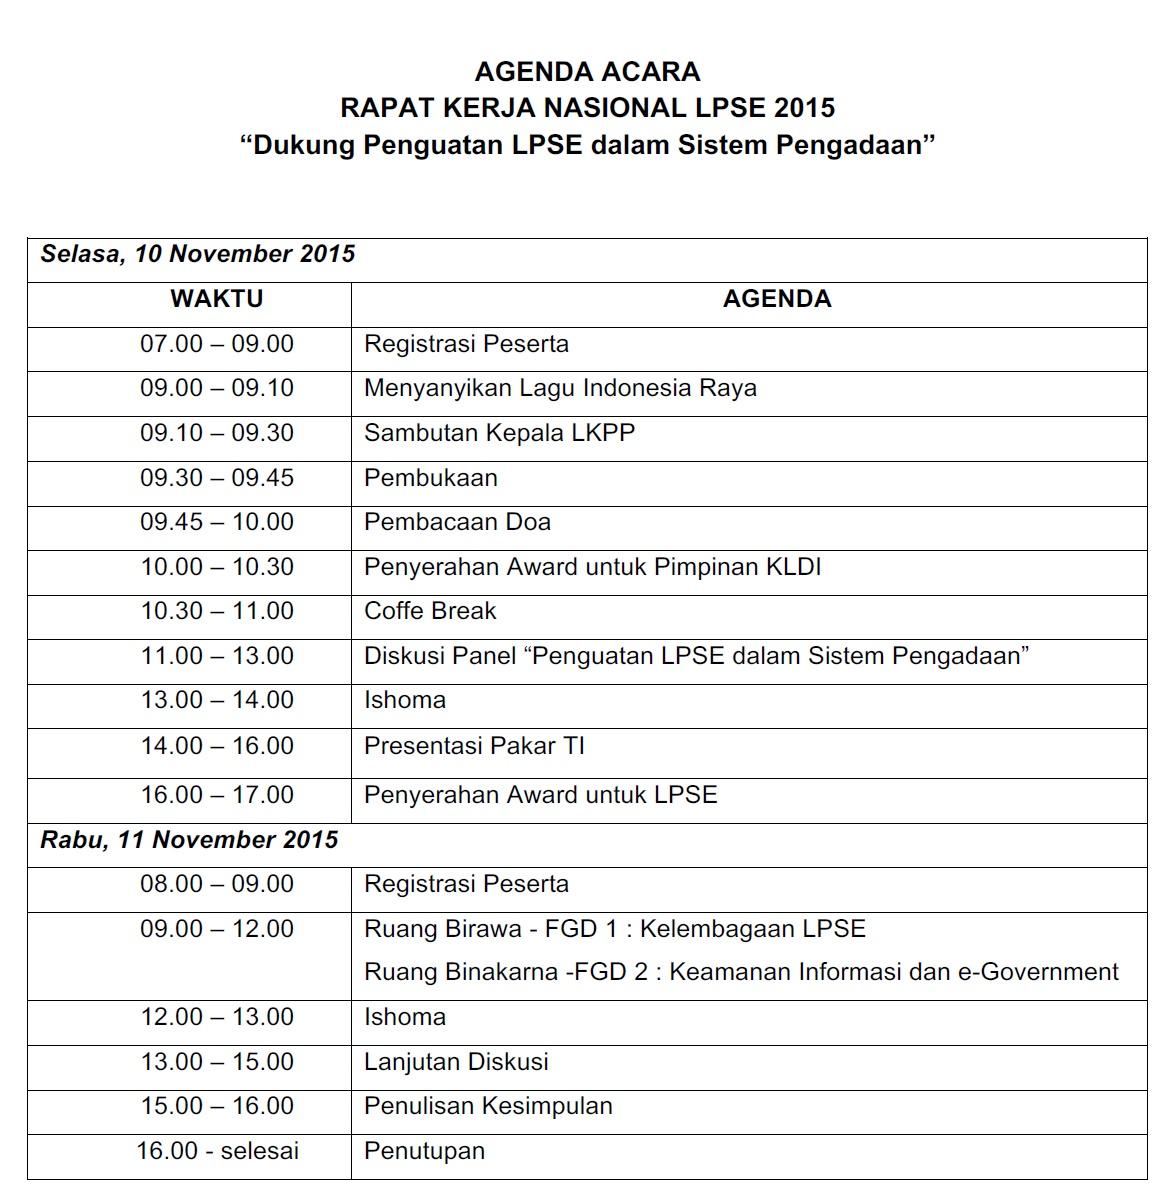 Undangan Rapat Kerja Nasional Lpse 2015 Seluruh Indonesia